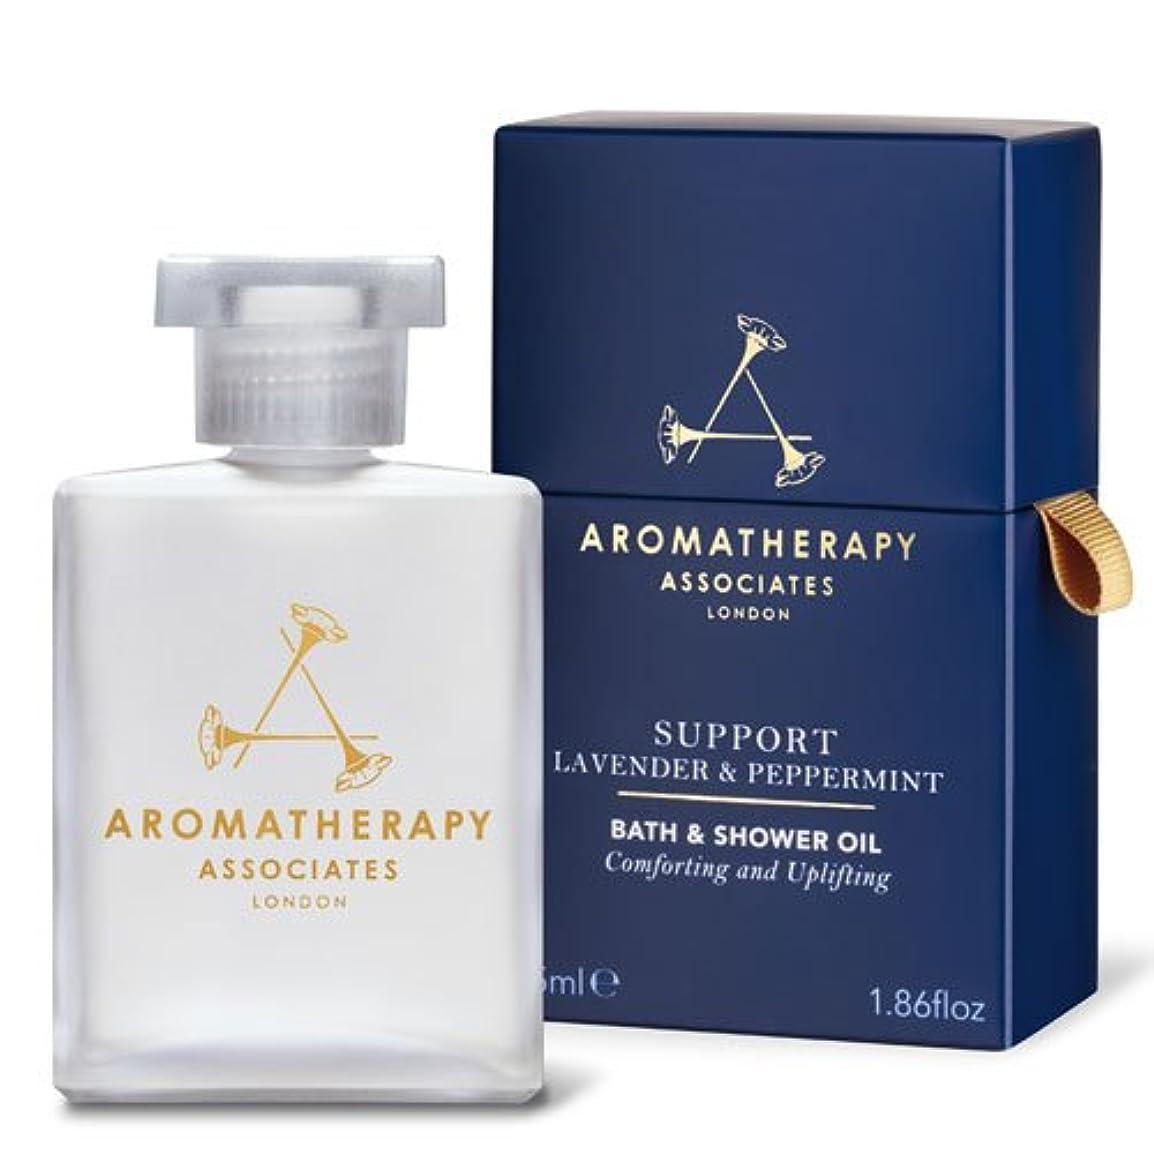 鎮静剤ペパーミント腐敗アロマセラピー アソシエイツ Support - Lavender & Peppermint Bath & Shower Oil 55ml/1.86oz